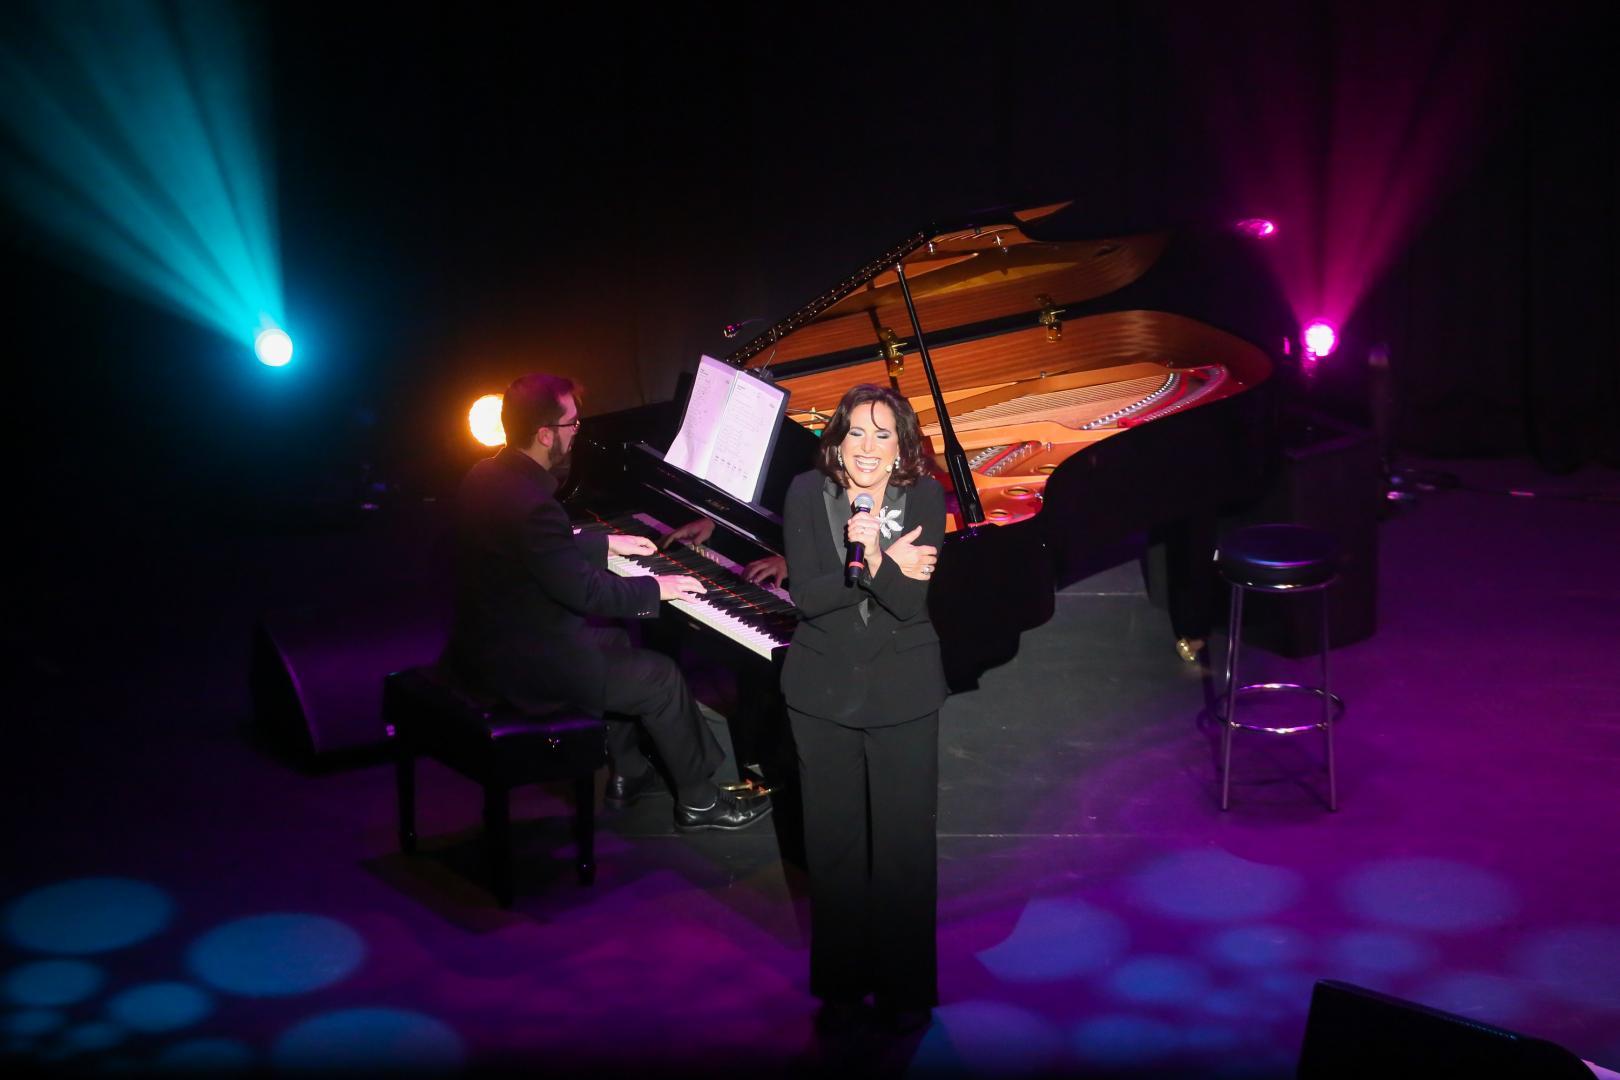 Com classe, Totia Meireles dribla nervosismo e se prova grande cantora em show retrospectivo